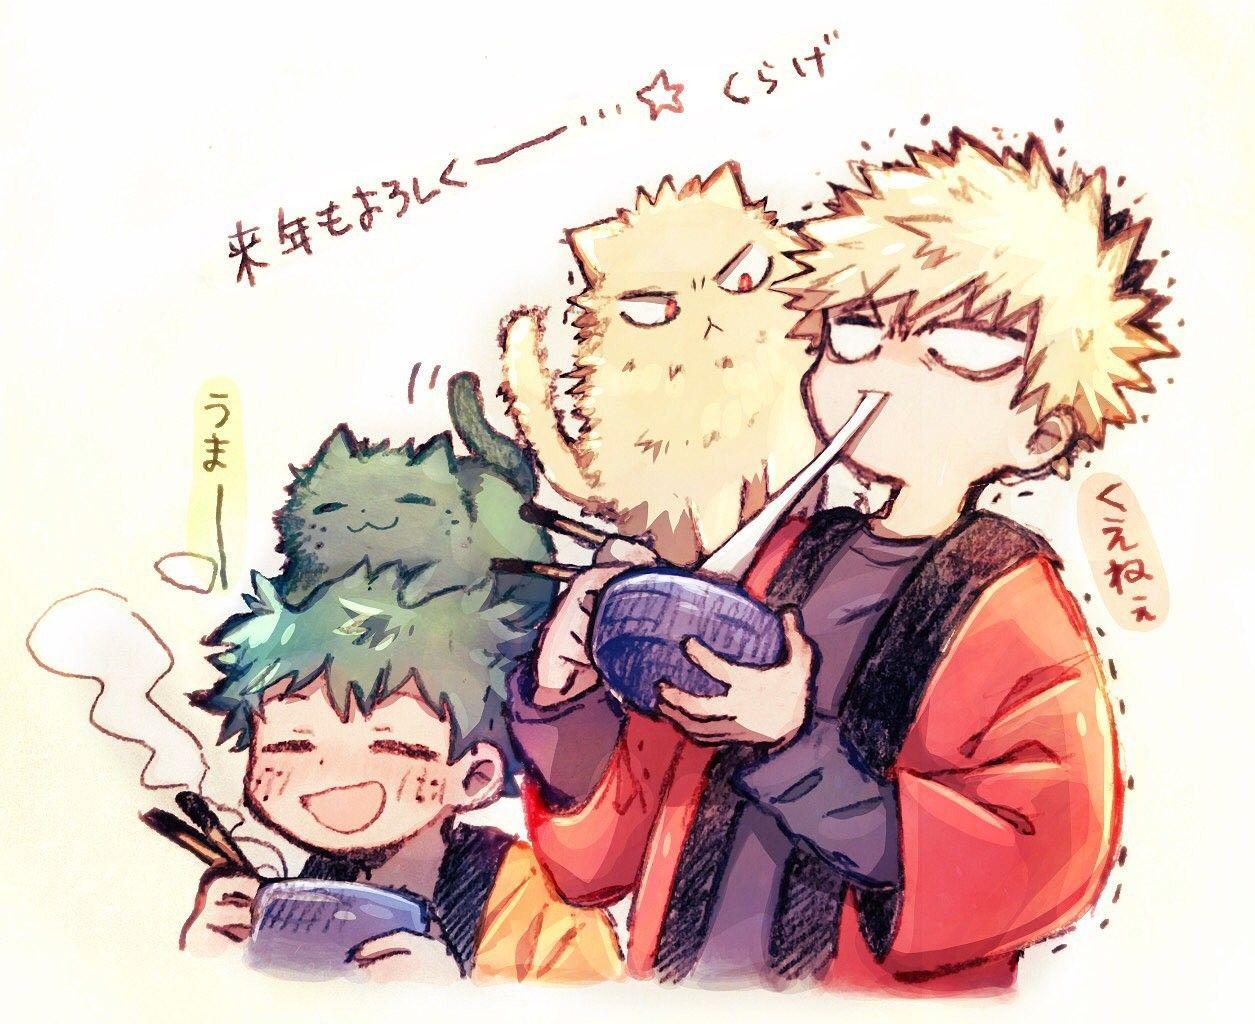 Bakugou Katsuki & Midoriya Izuku   BakuDeku   My hero